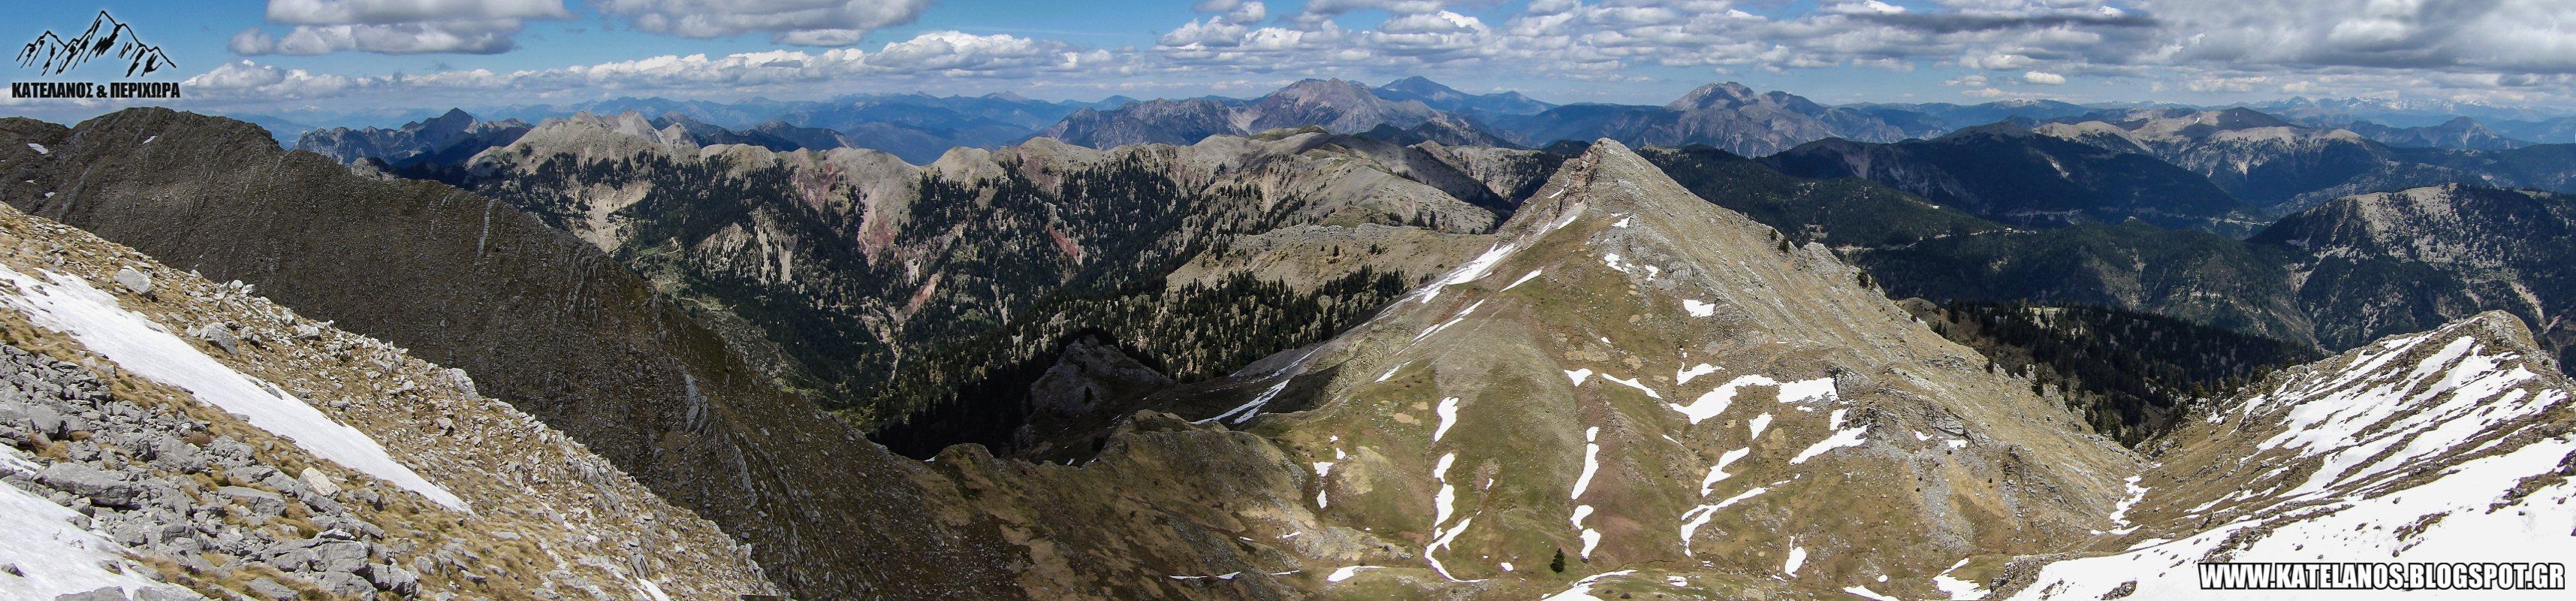 καταβαση απο τον κατελανο παναιτωλικου ορους κρημνιτσα βουνοκορφες χιονουρες